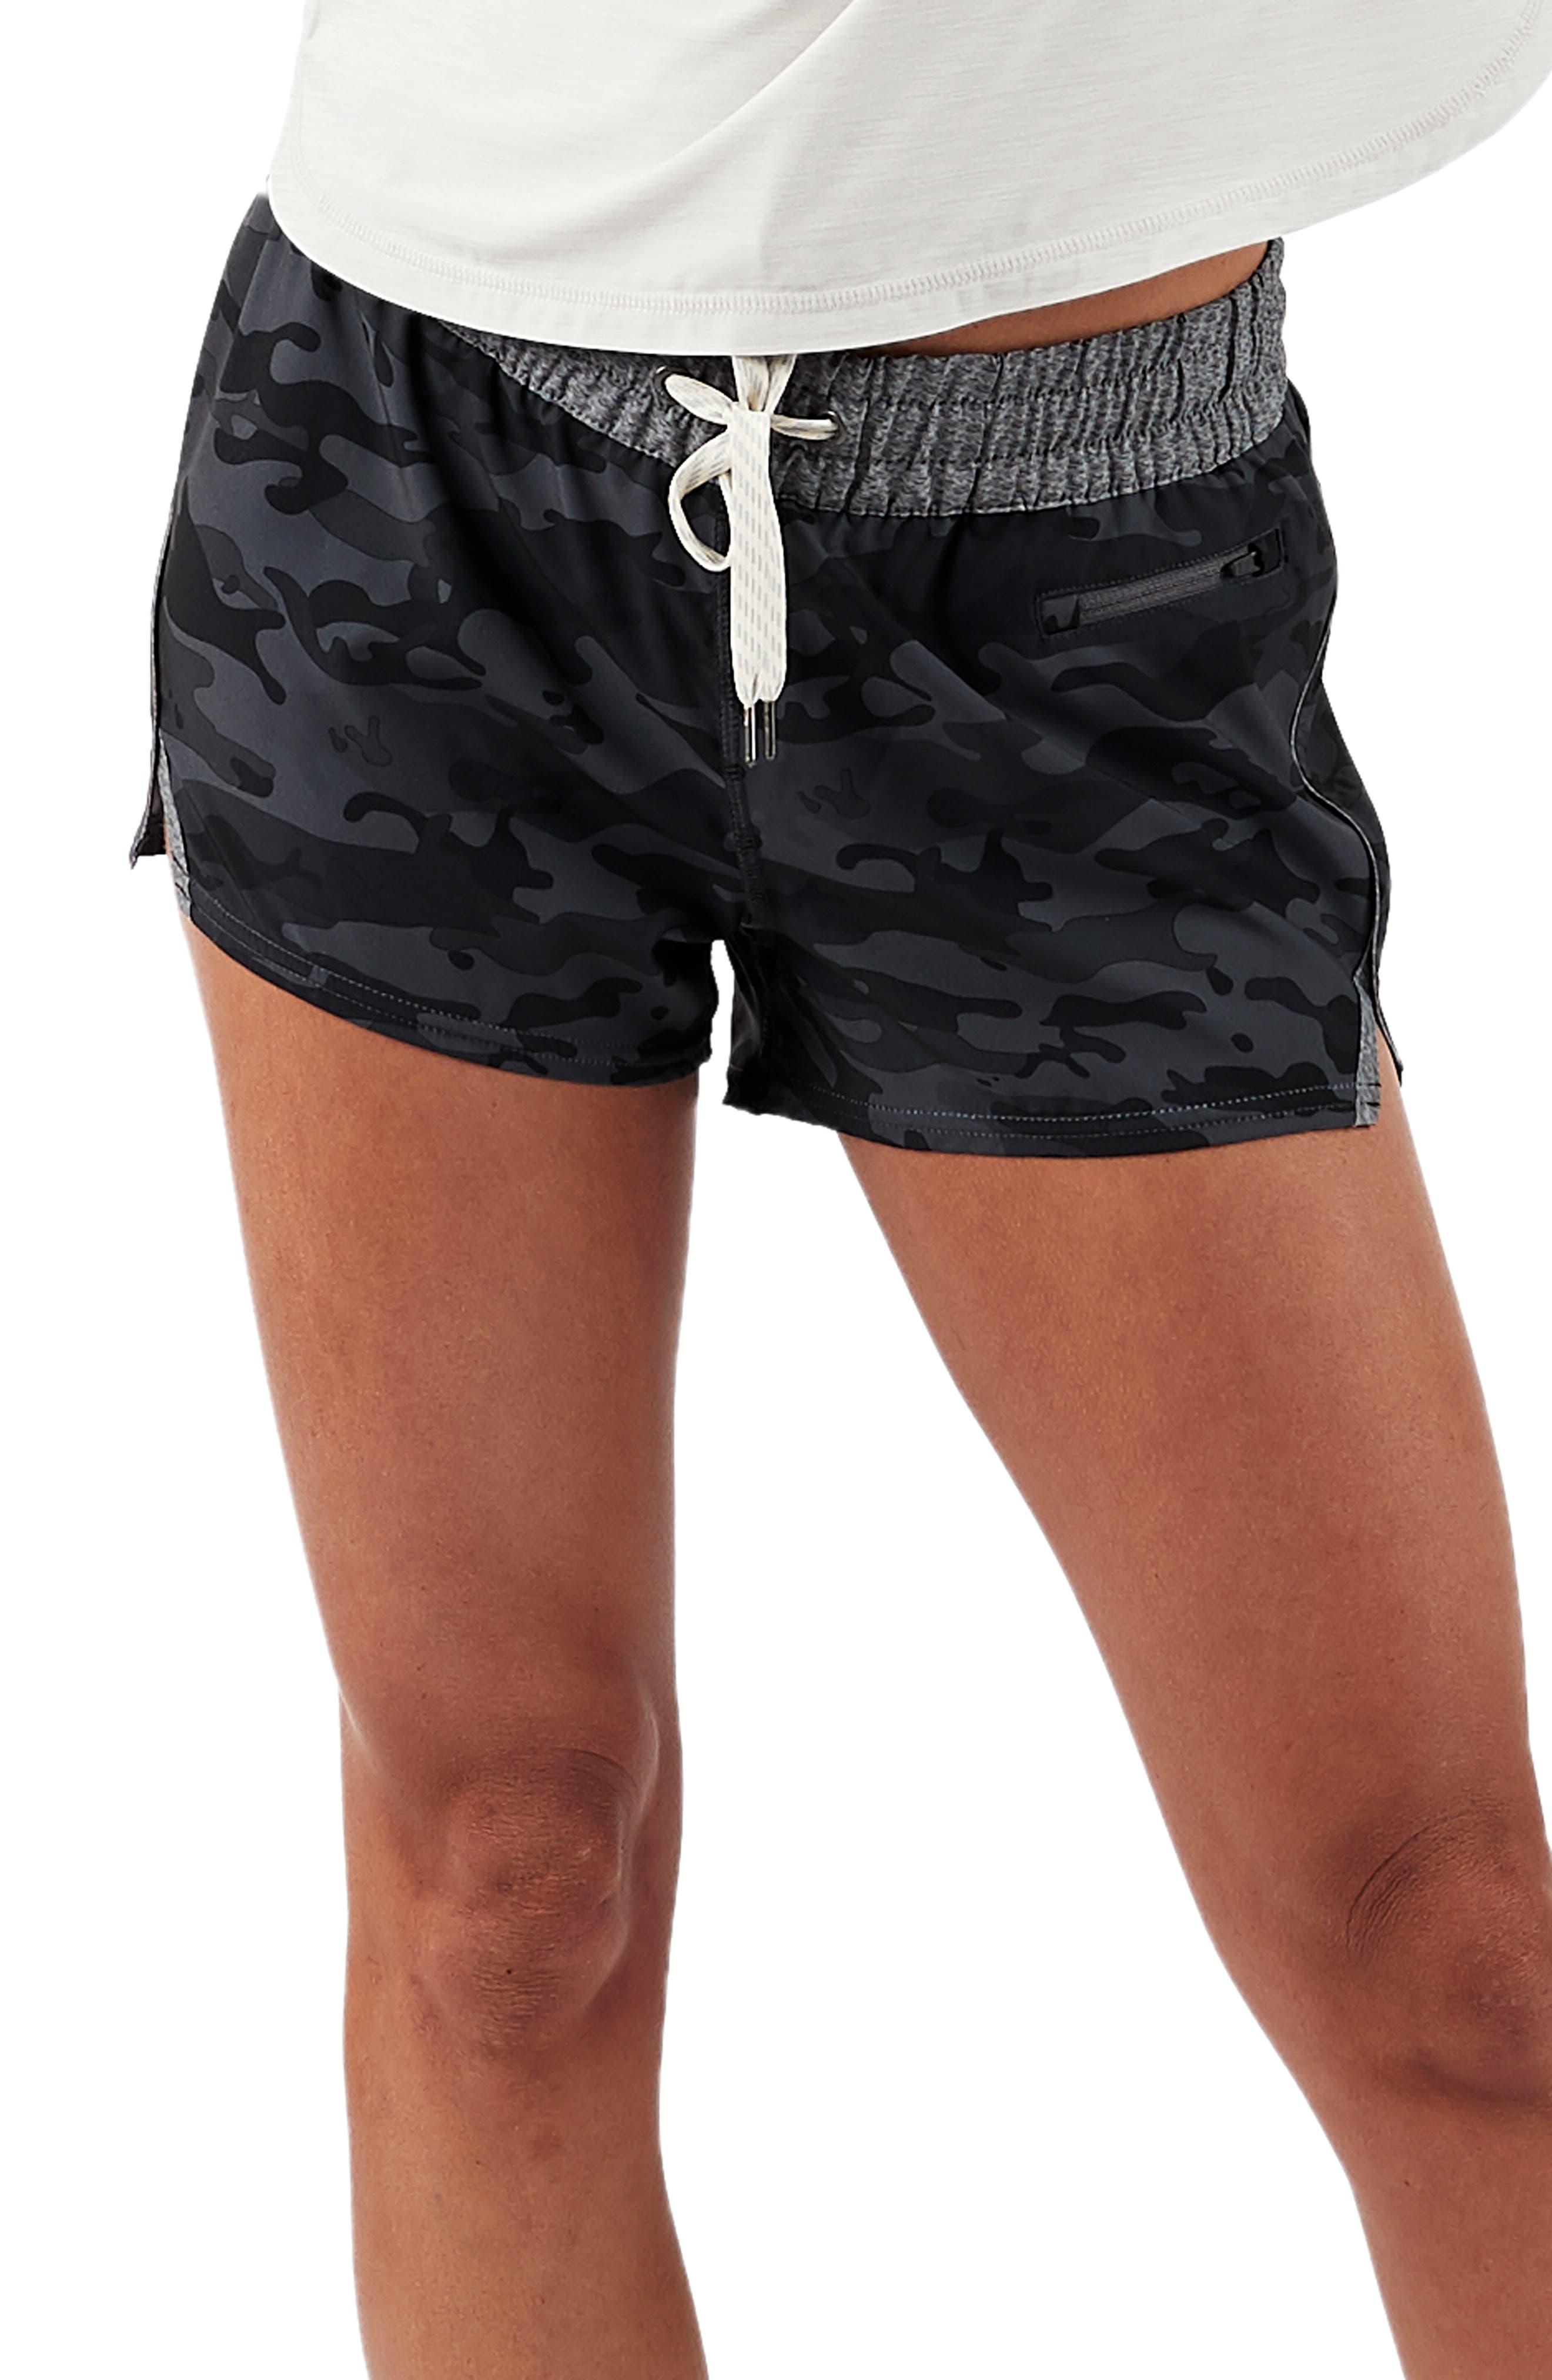 Vuori Clementine Shorts, Black